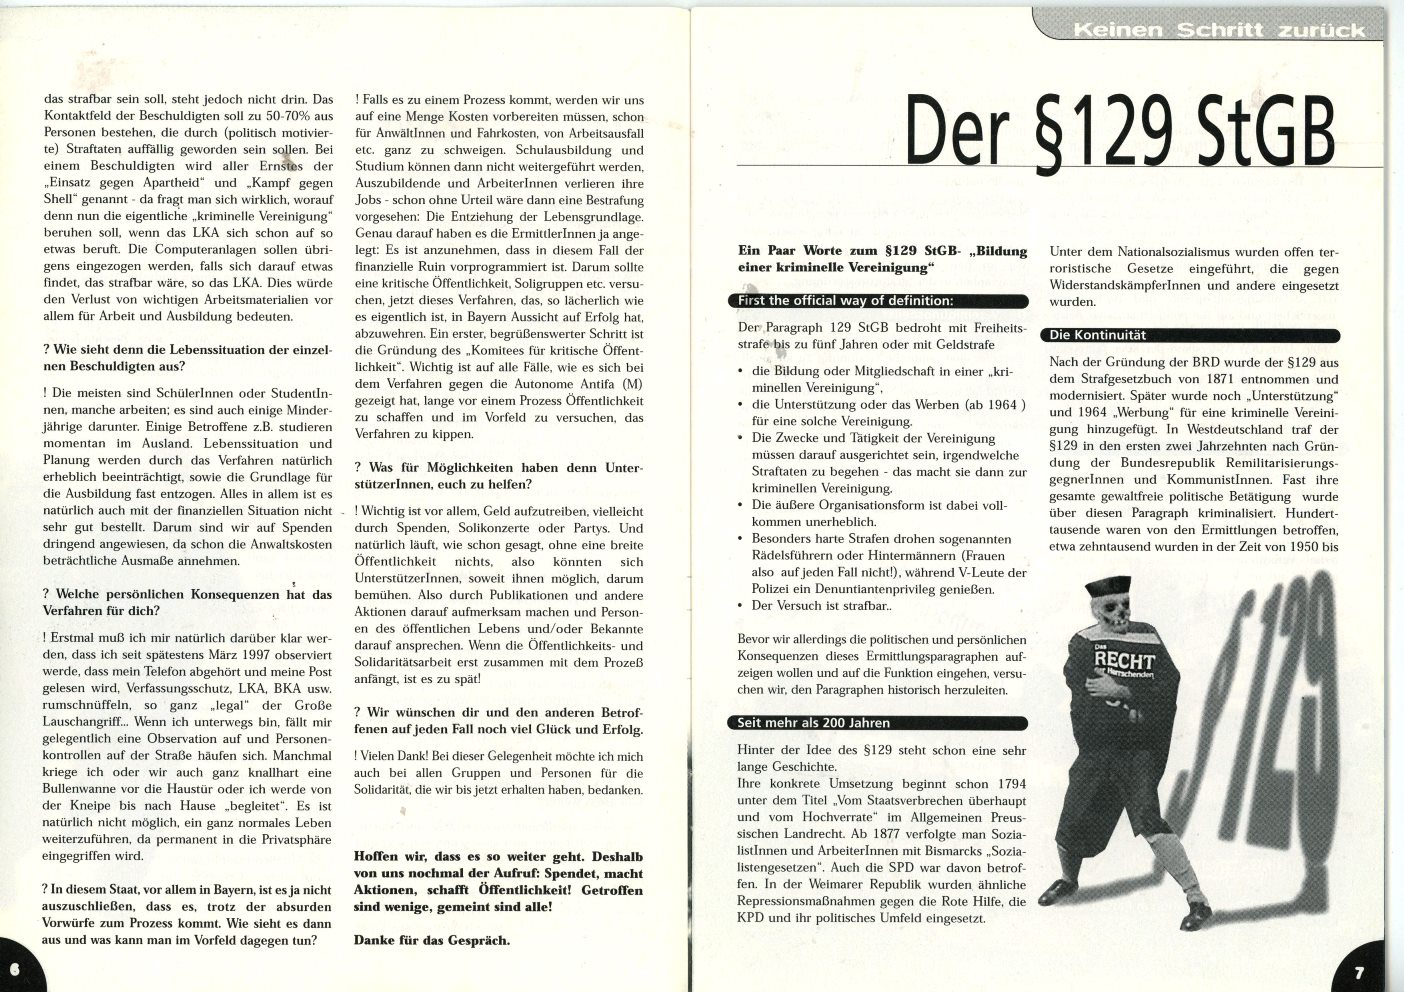 Passau_RH_1998_Keinen_Schritt_zurueck_04